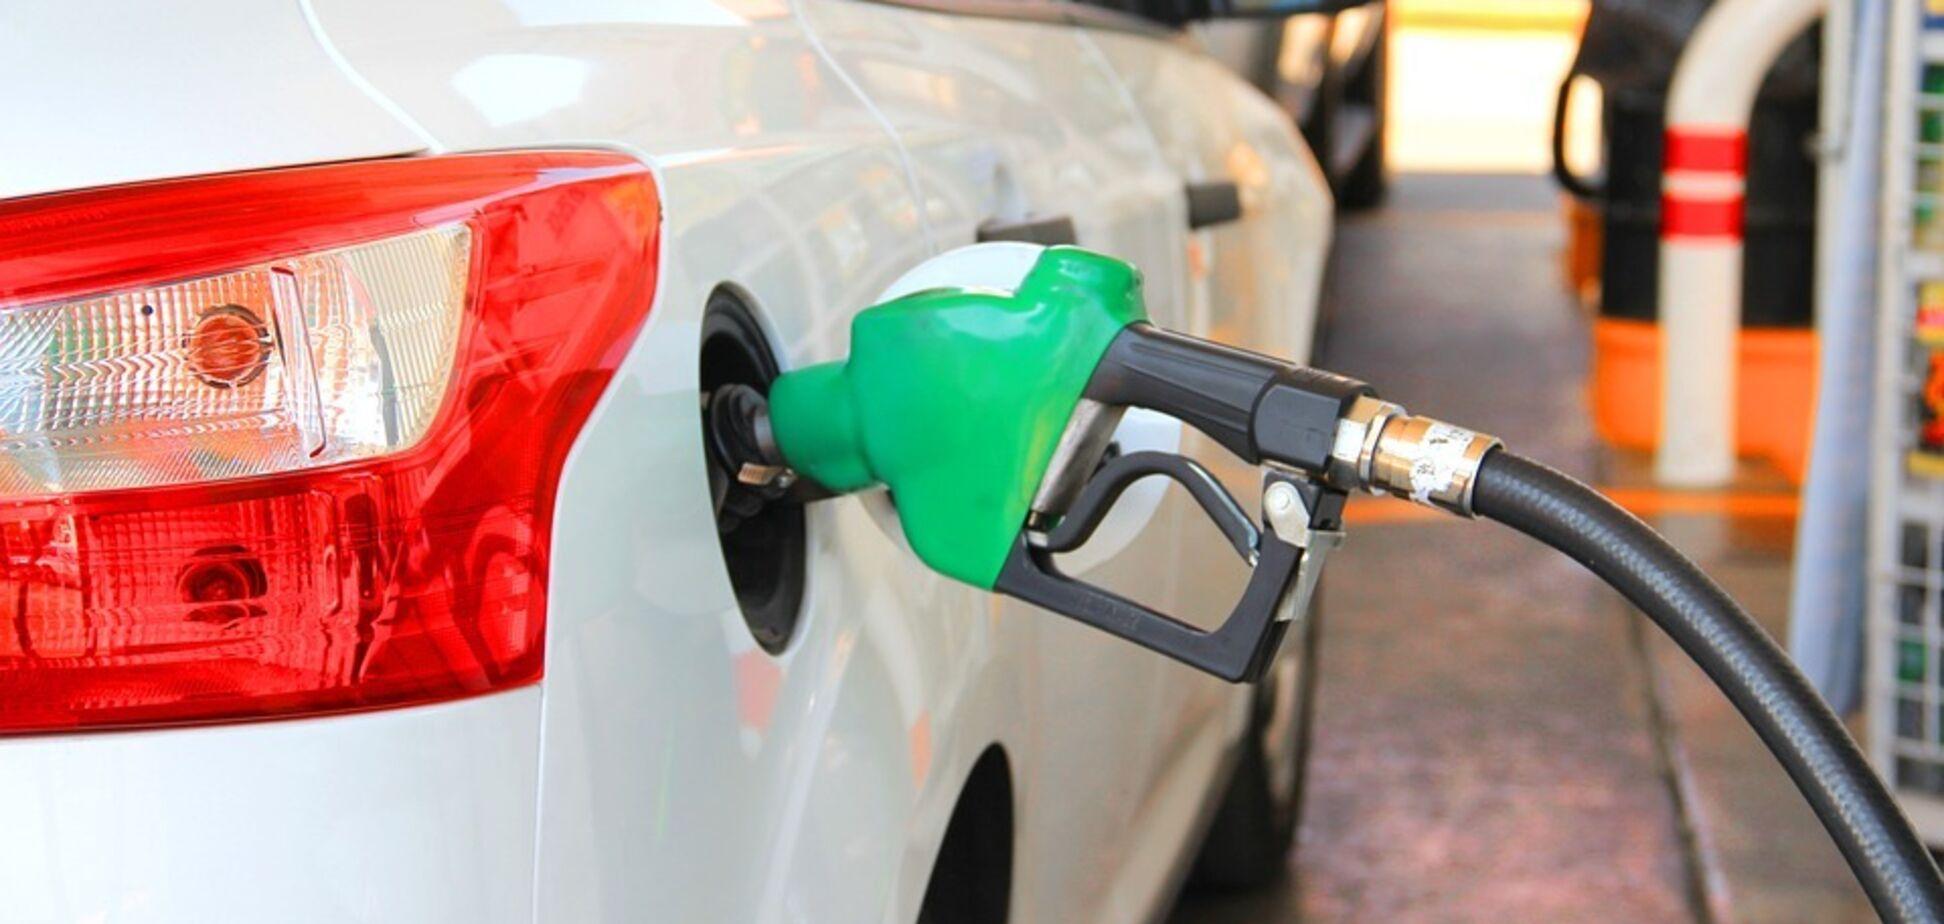 Цена на бензин в Украине взлетит на 5 гривен: озвучены сроки